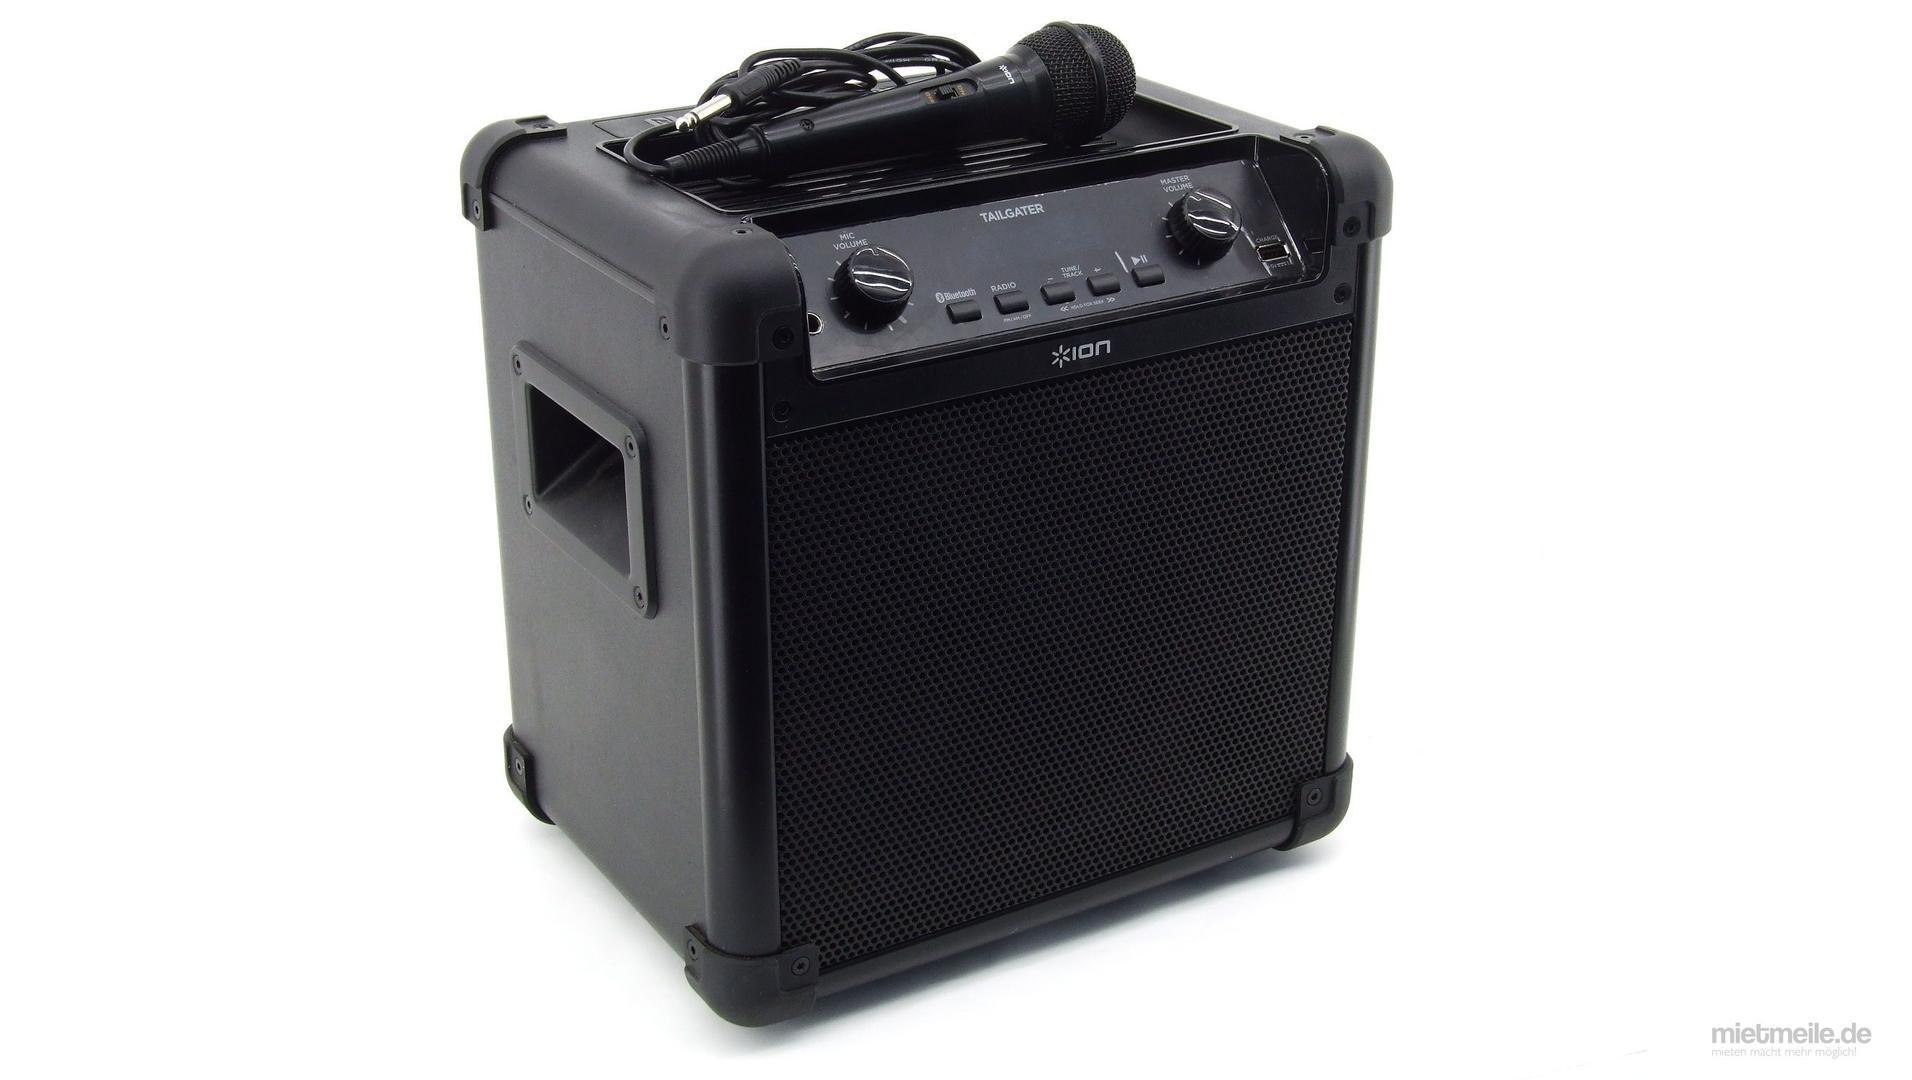 Musikanlage mieten & vermieten - Mobile Musikanlage Lautsprecher Musikbox in Schkeuditz